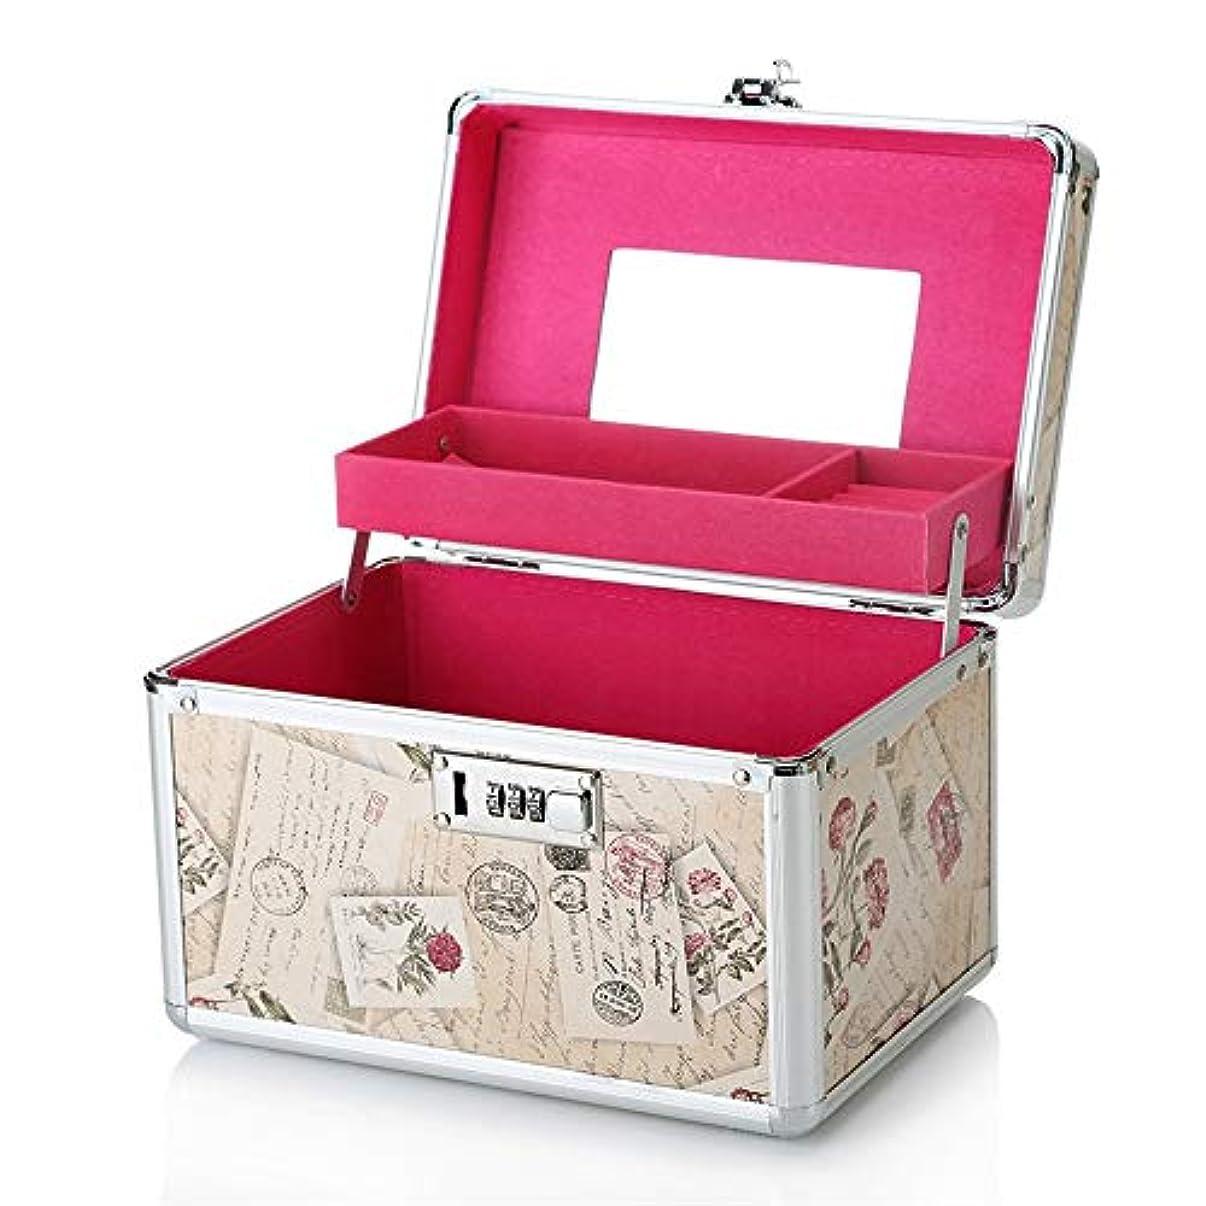 滑りやすいシャトル気づかない特大スペース収納ビューティーボックス 美の構造のためそしてジッパーおよび折る皿が付いている女の子の女性旅行そして毎日の貯蔵のための高容量の携帯用化粧品袋 化粧品化粧台